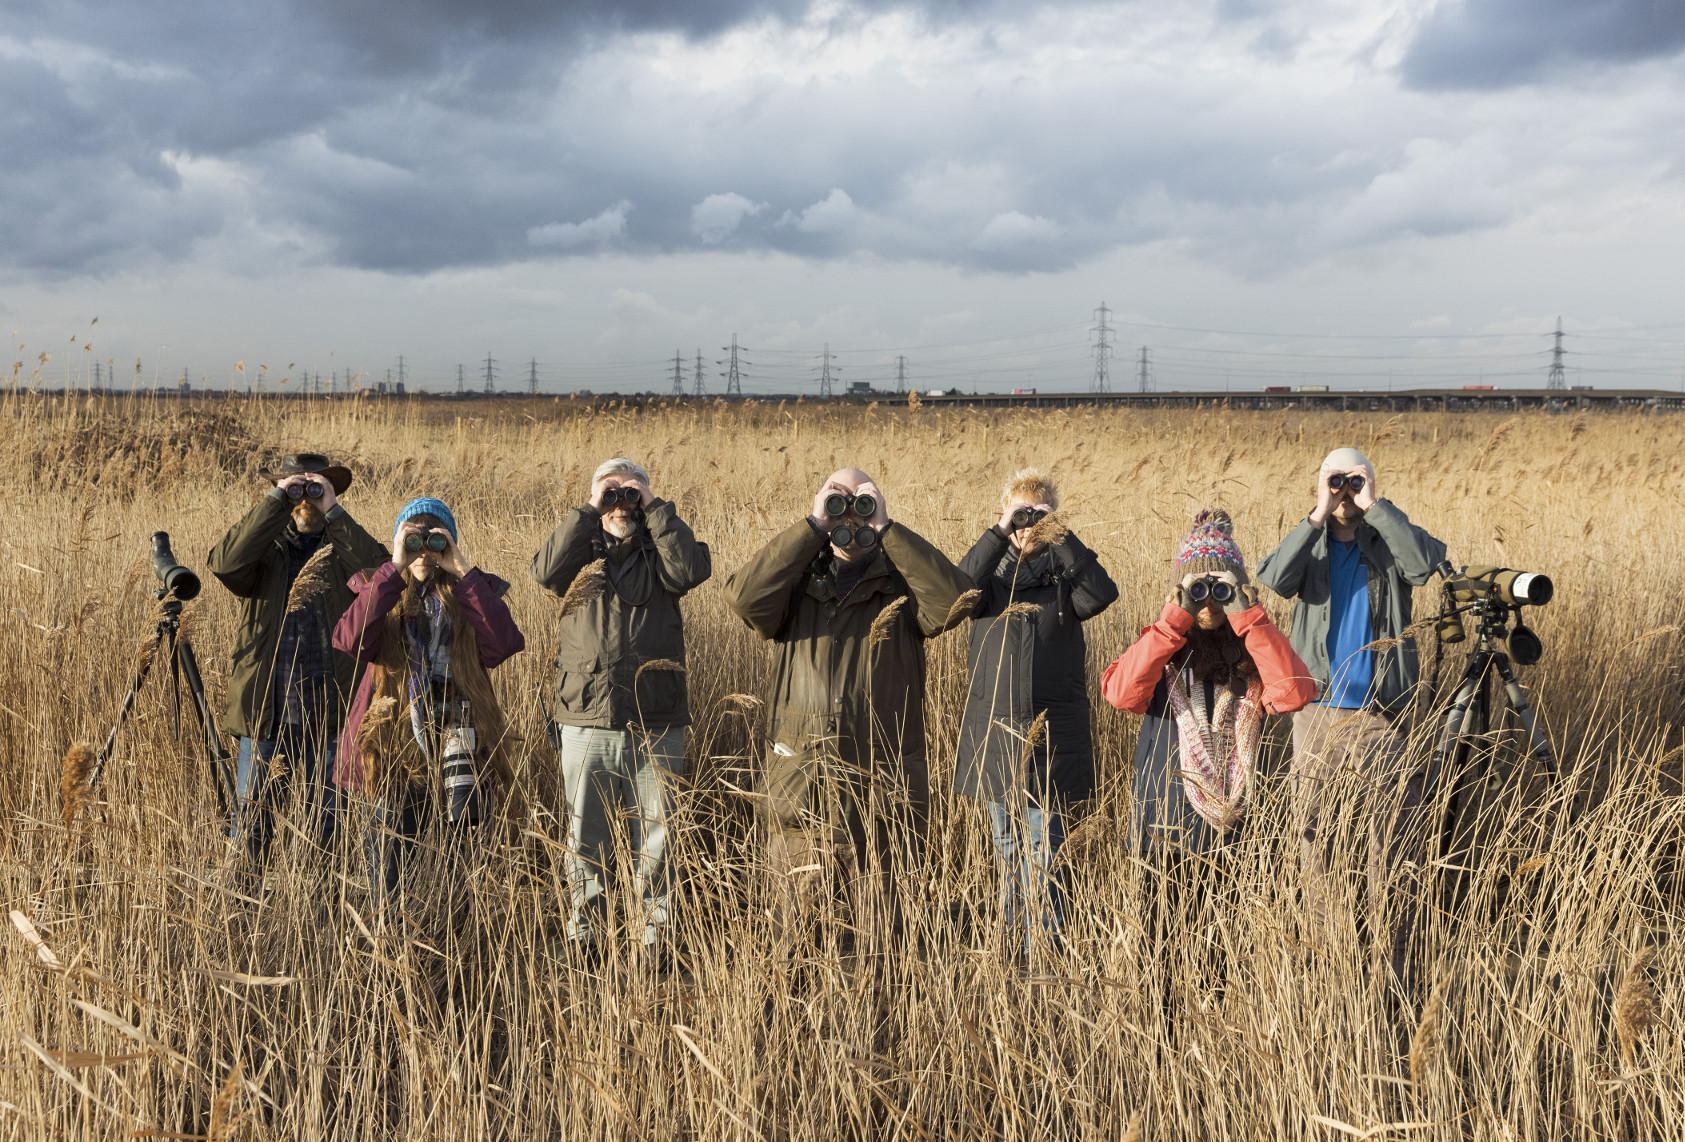 BBC Oneness, Bird Watchers, Rainham, Photographer: Martin Parr